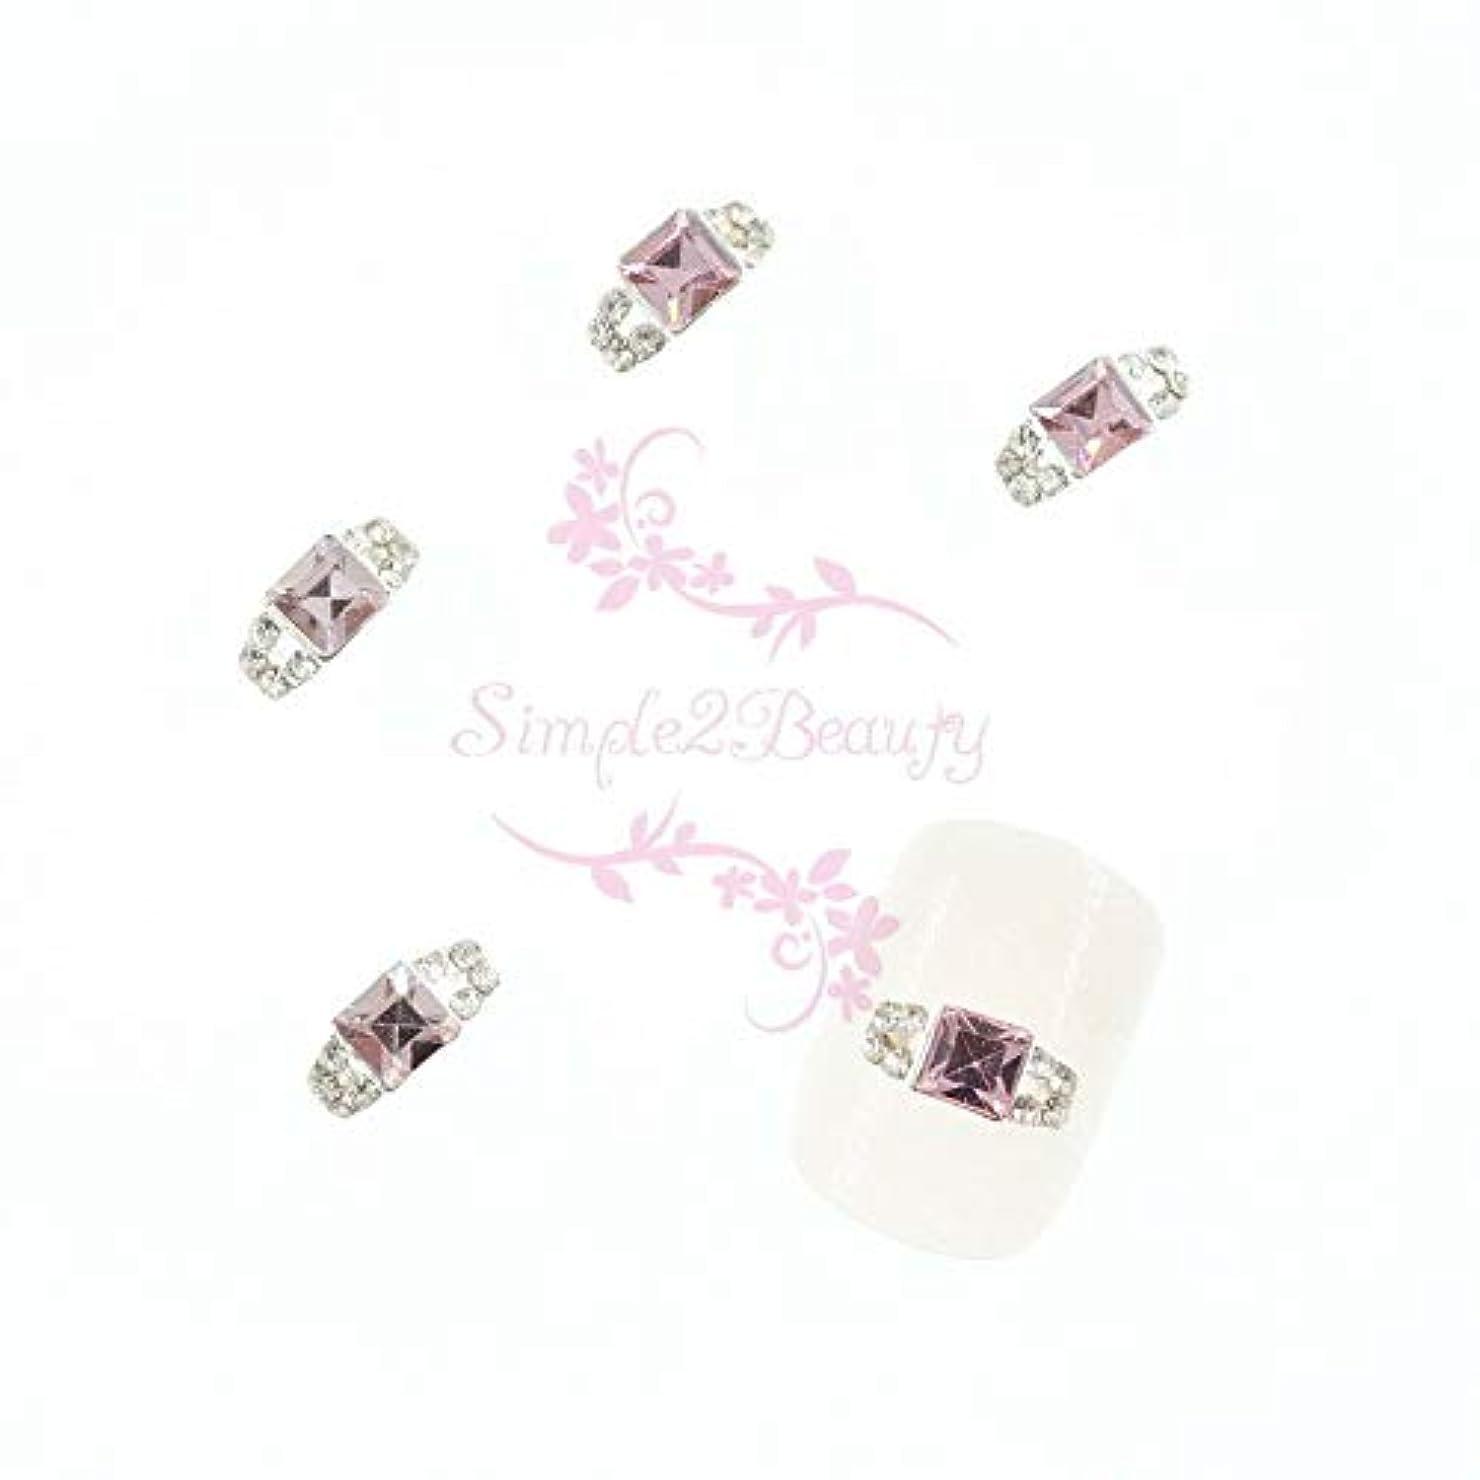 雑草略す絶対のFidgetGear 20クリスタルラインストーンの装飾3Dリングスタイルシルバーメッキ合金チャームネイルアート ピンク